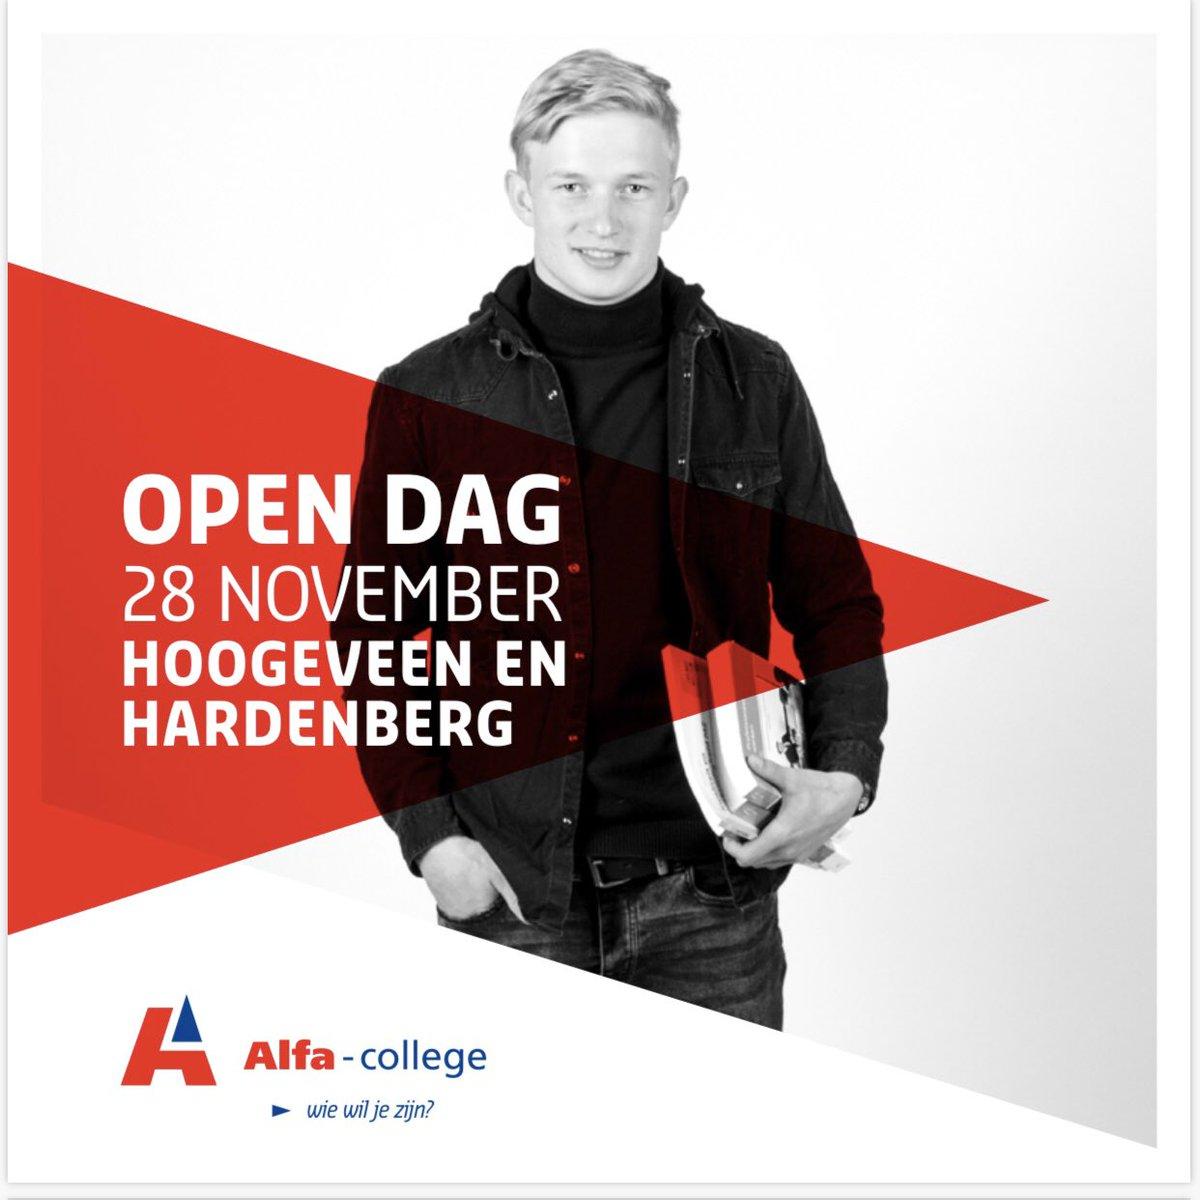 Ben jij gisteren ook geweest? @Alfacollege #Hardenberg #stagebedrijf #bedrijfsadministratie  @SaxenburghGroeppic.twitter.com/z5CRYONgrH – at Hardenberg